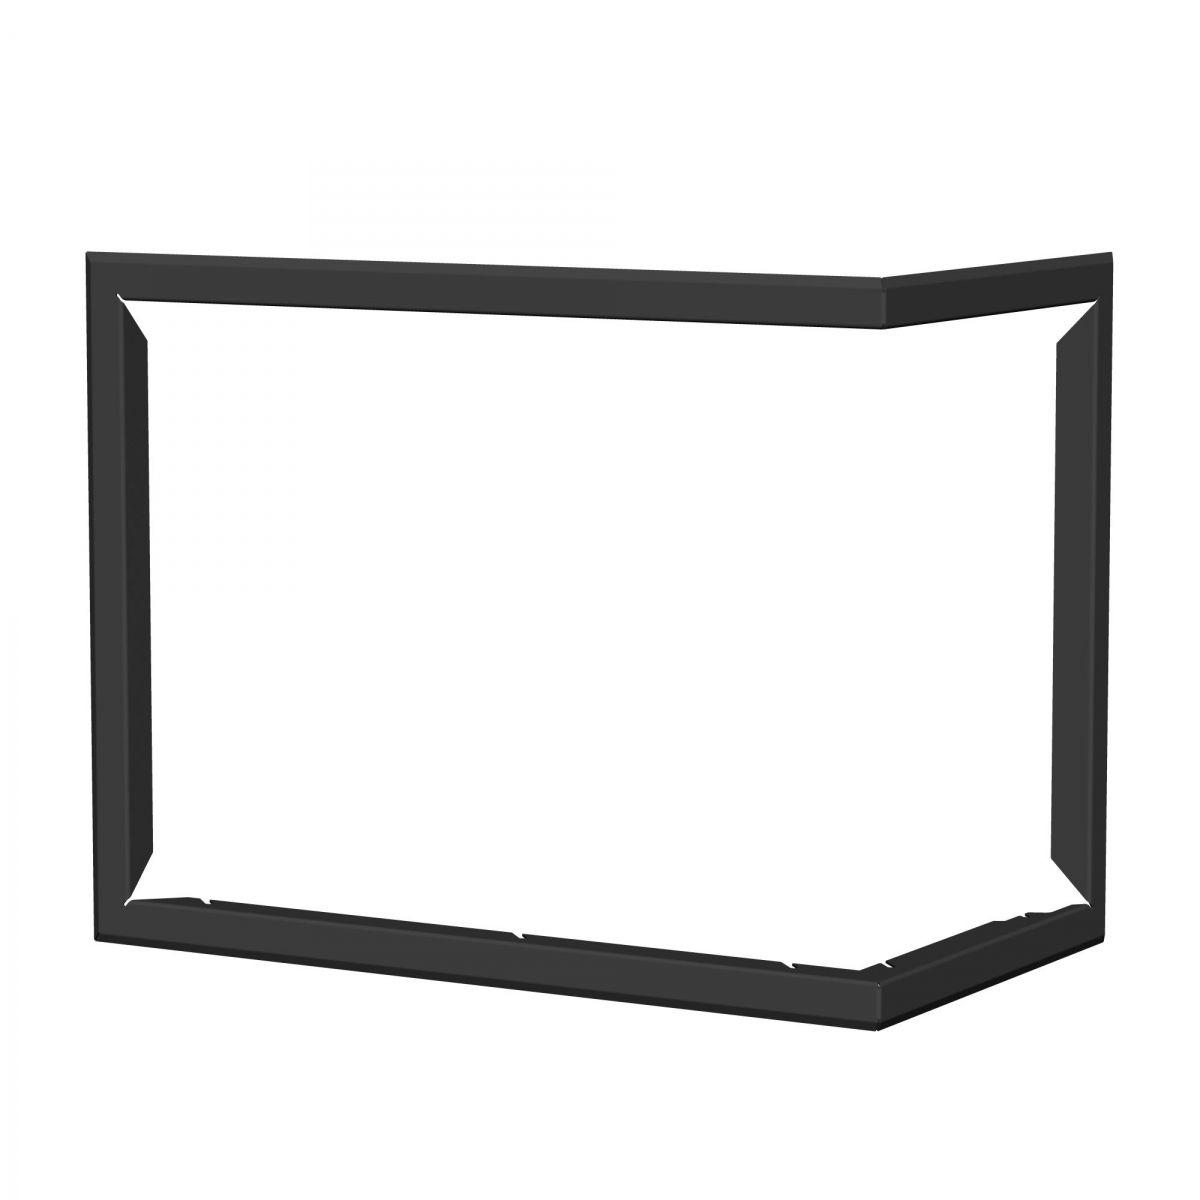 Blendrahmen für Kaminofen Tesko - Ausführung: Rechts - Farbe: Schwarz